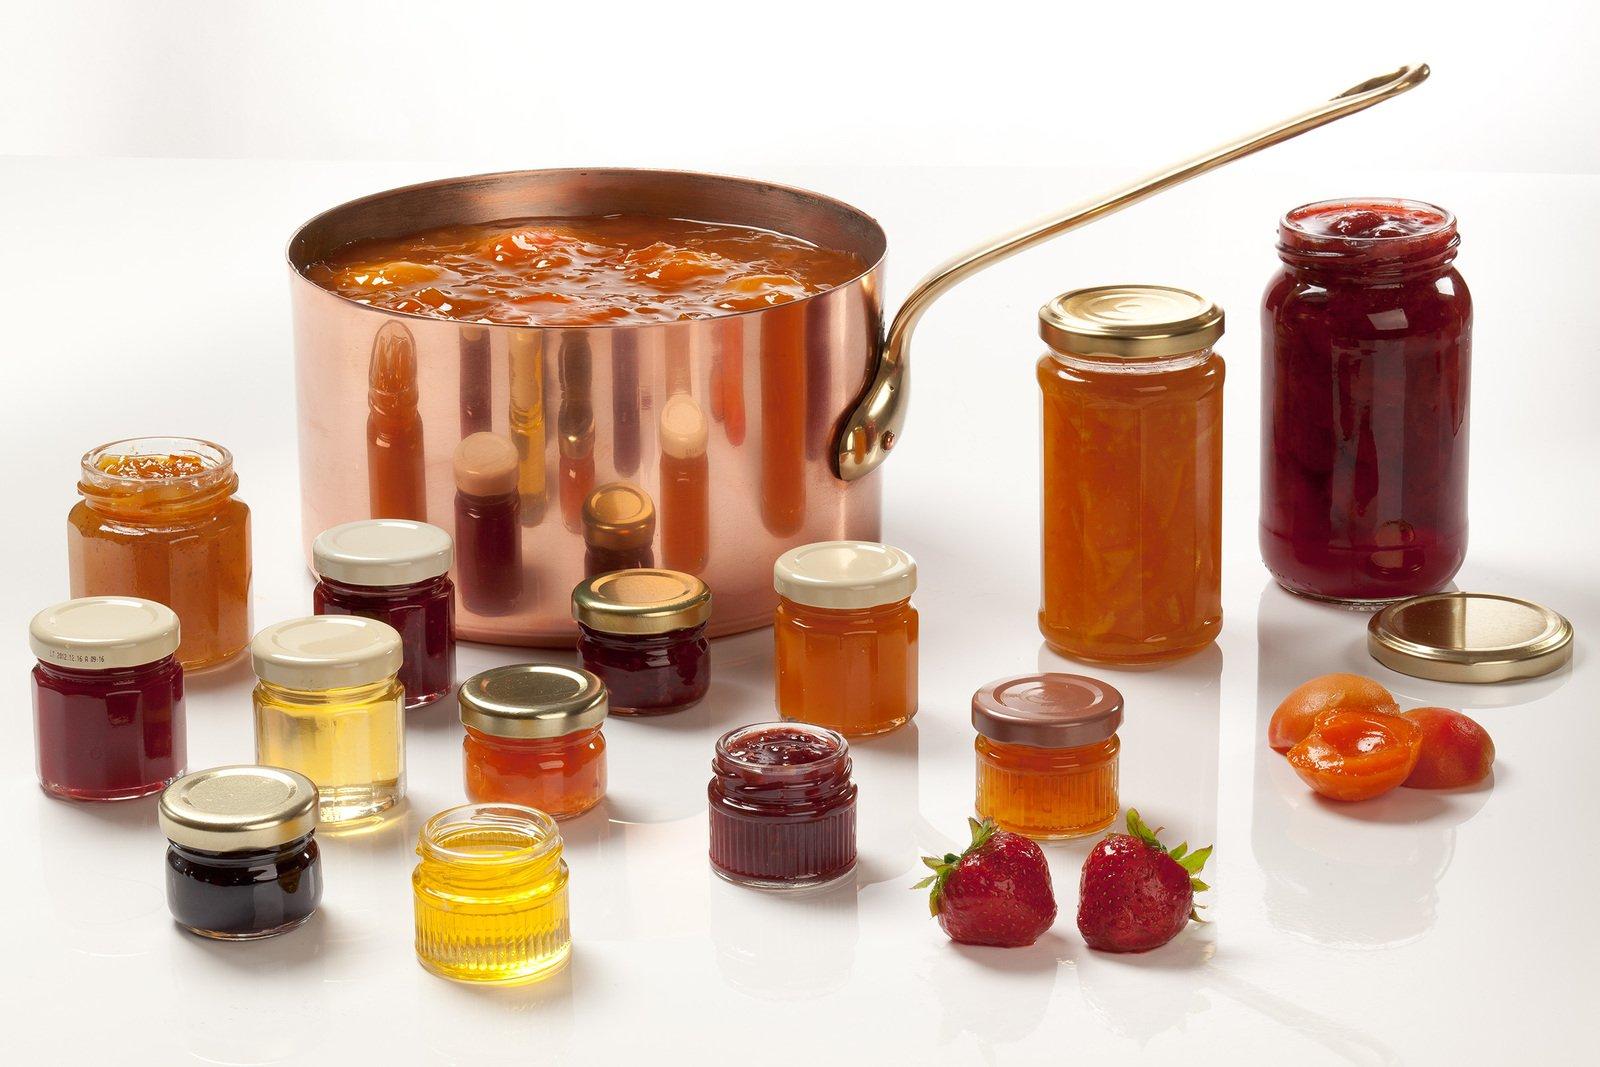 Andrésy Confitures est l'expert français des confitures sur-mesure et des recettes à façon, tout est personnalisable : recettes, pots, étiquettes, packagings